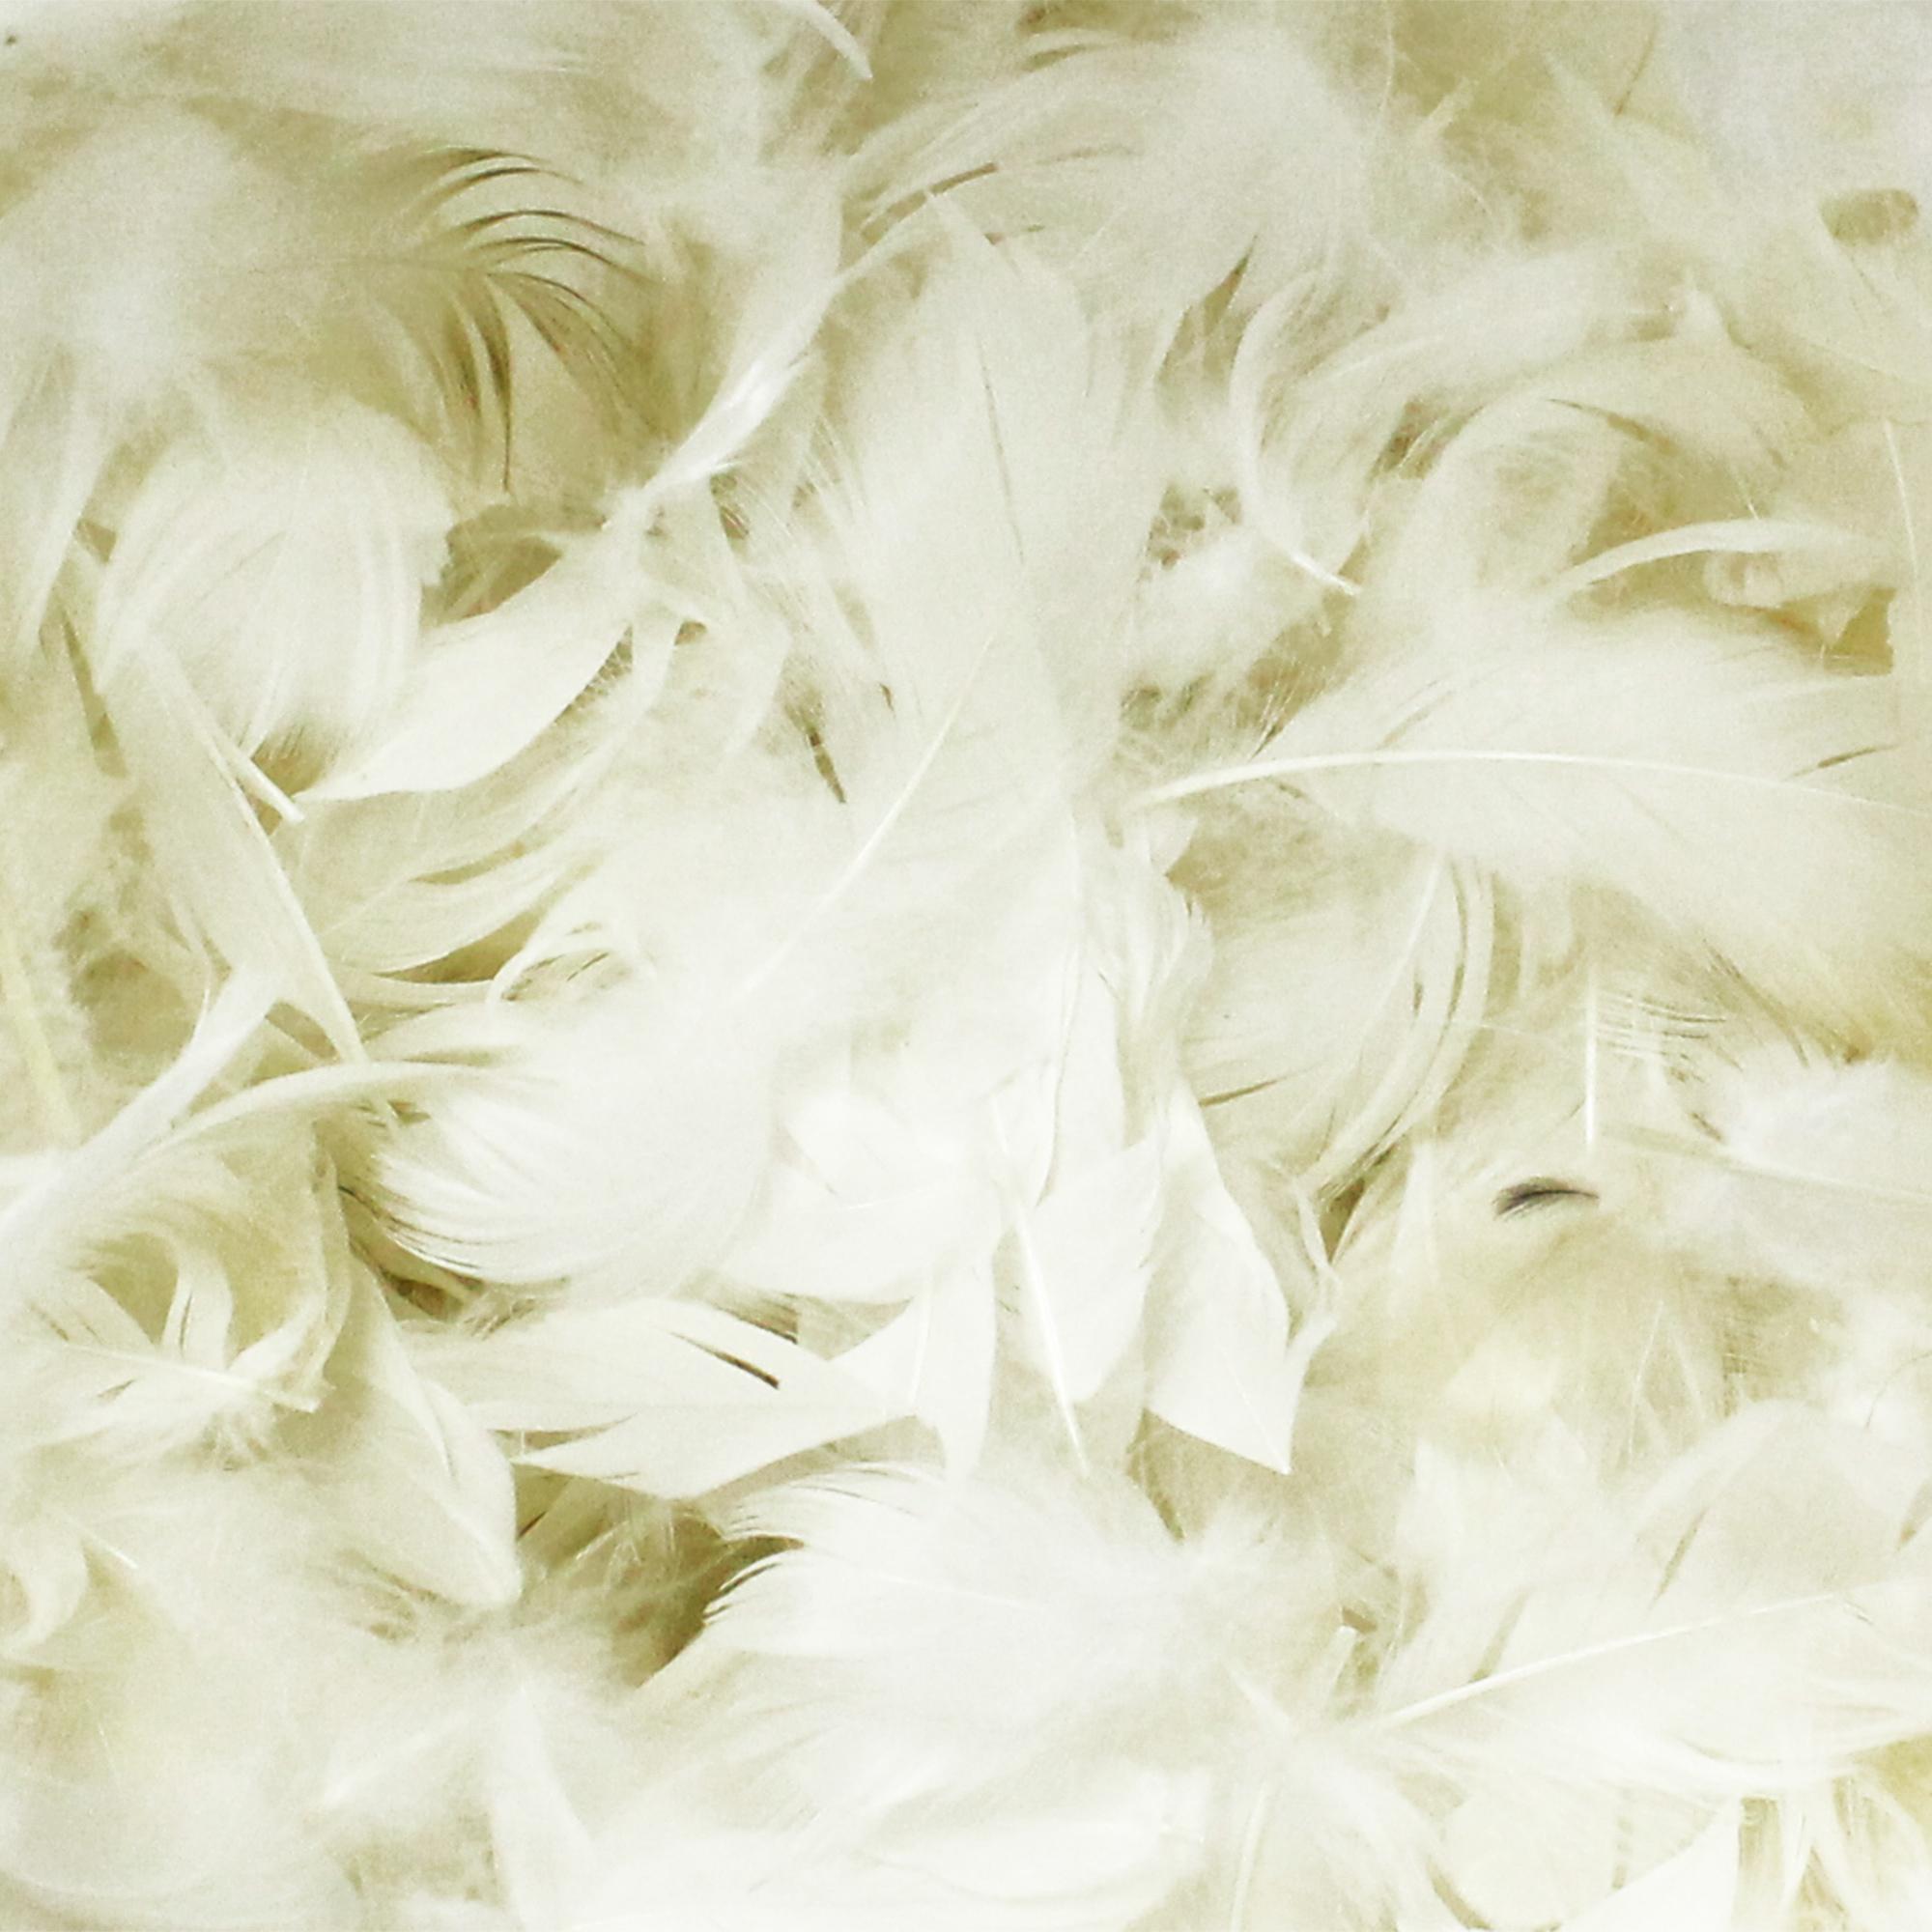 rembourrage naturel plumes blanches de carnards sac 1 kg. Black Bedroom Furniture Sets. Home Design Ideas